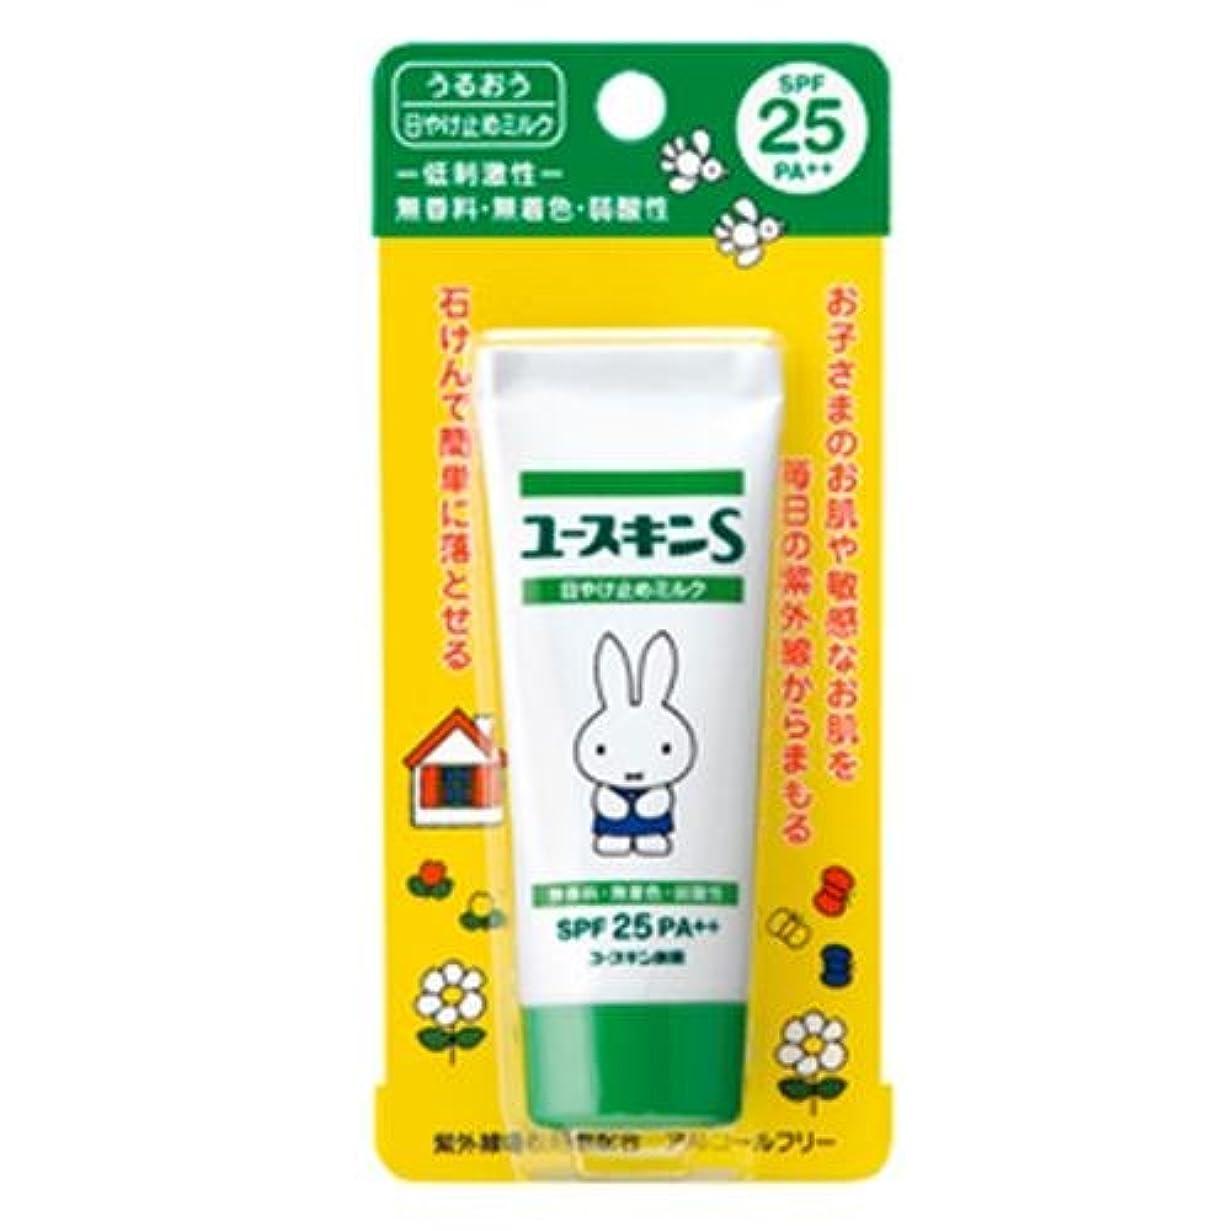 インシュレータ銛生き物ユースキンS UVミルク SPF25 PA++ 40g (敏感肌用 日焼け止め)